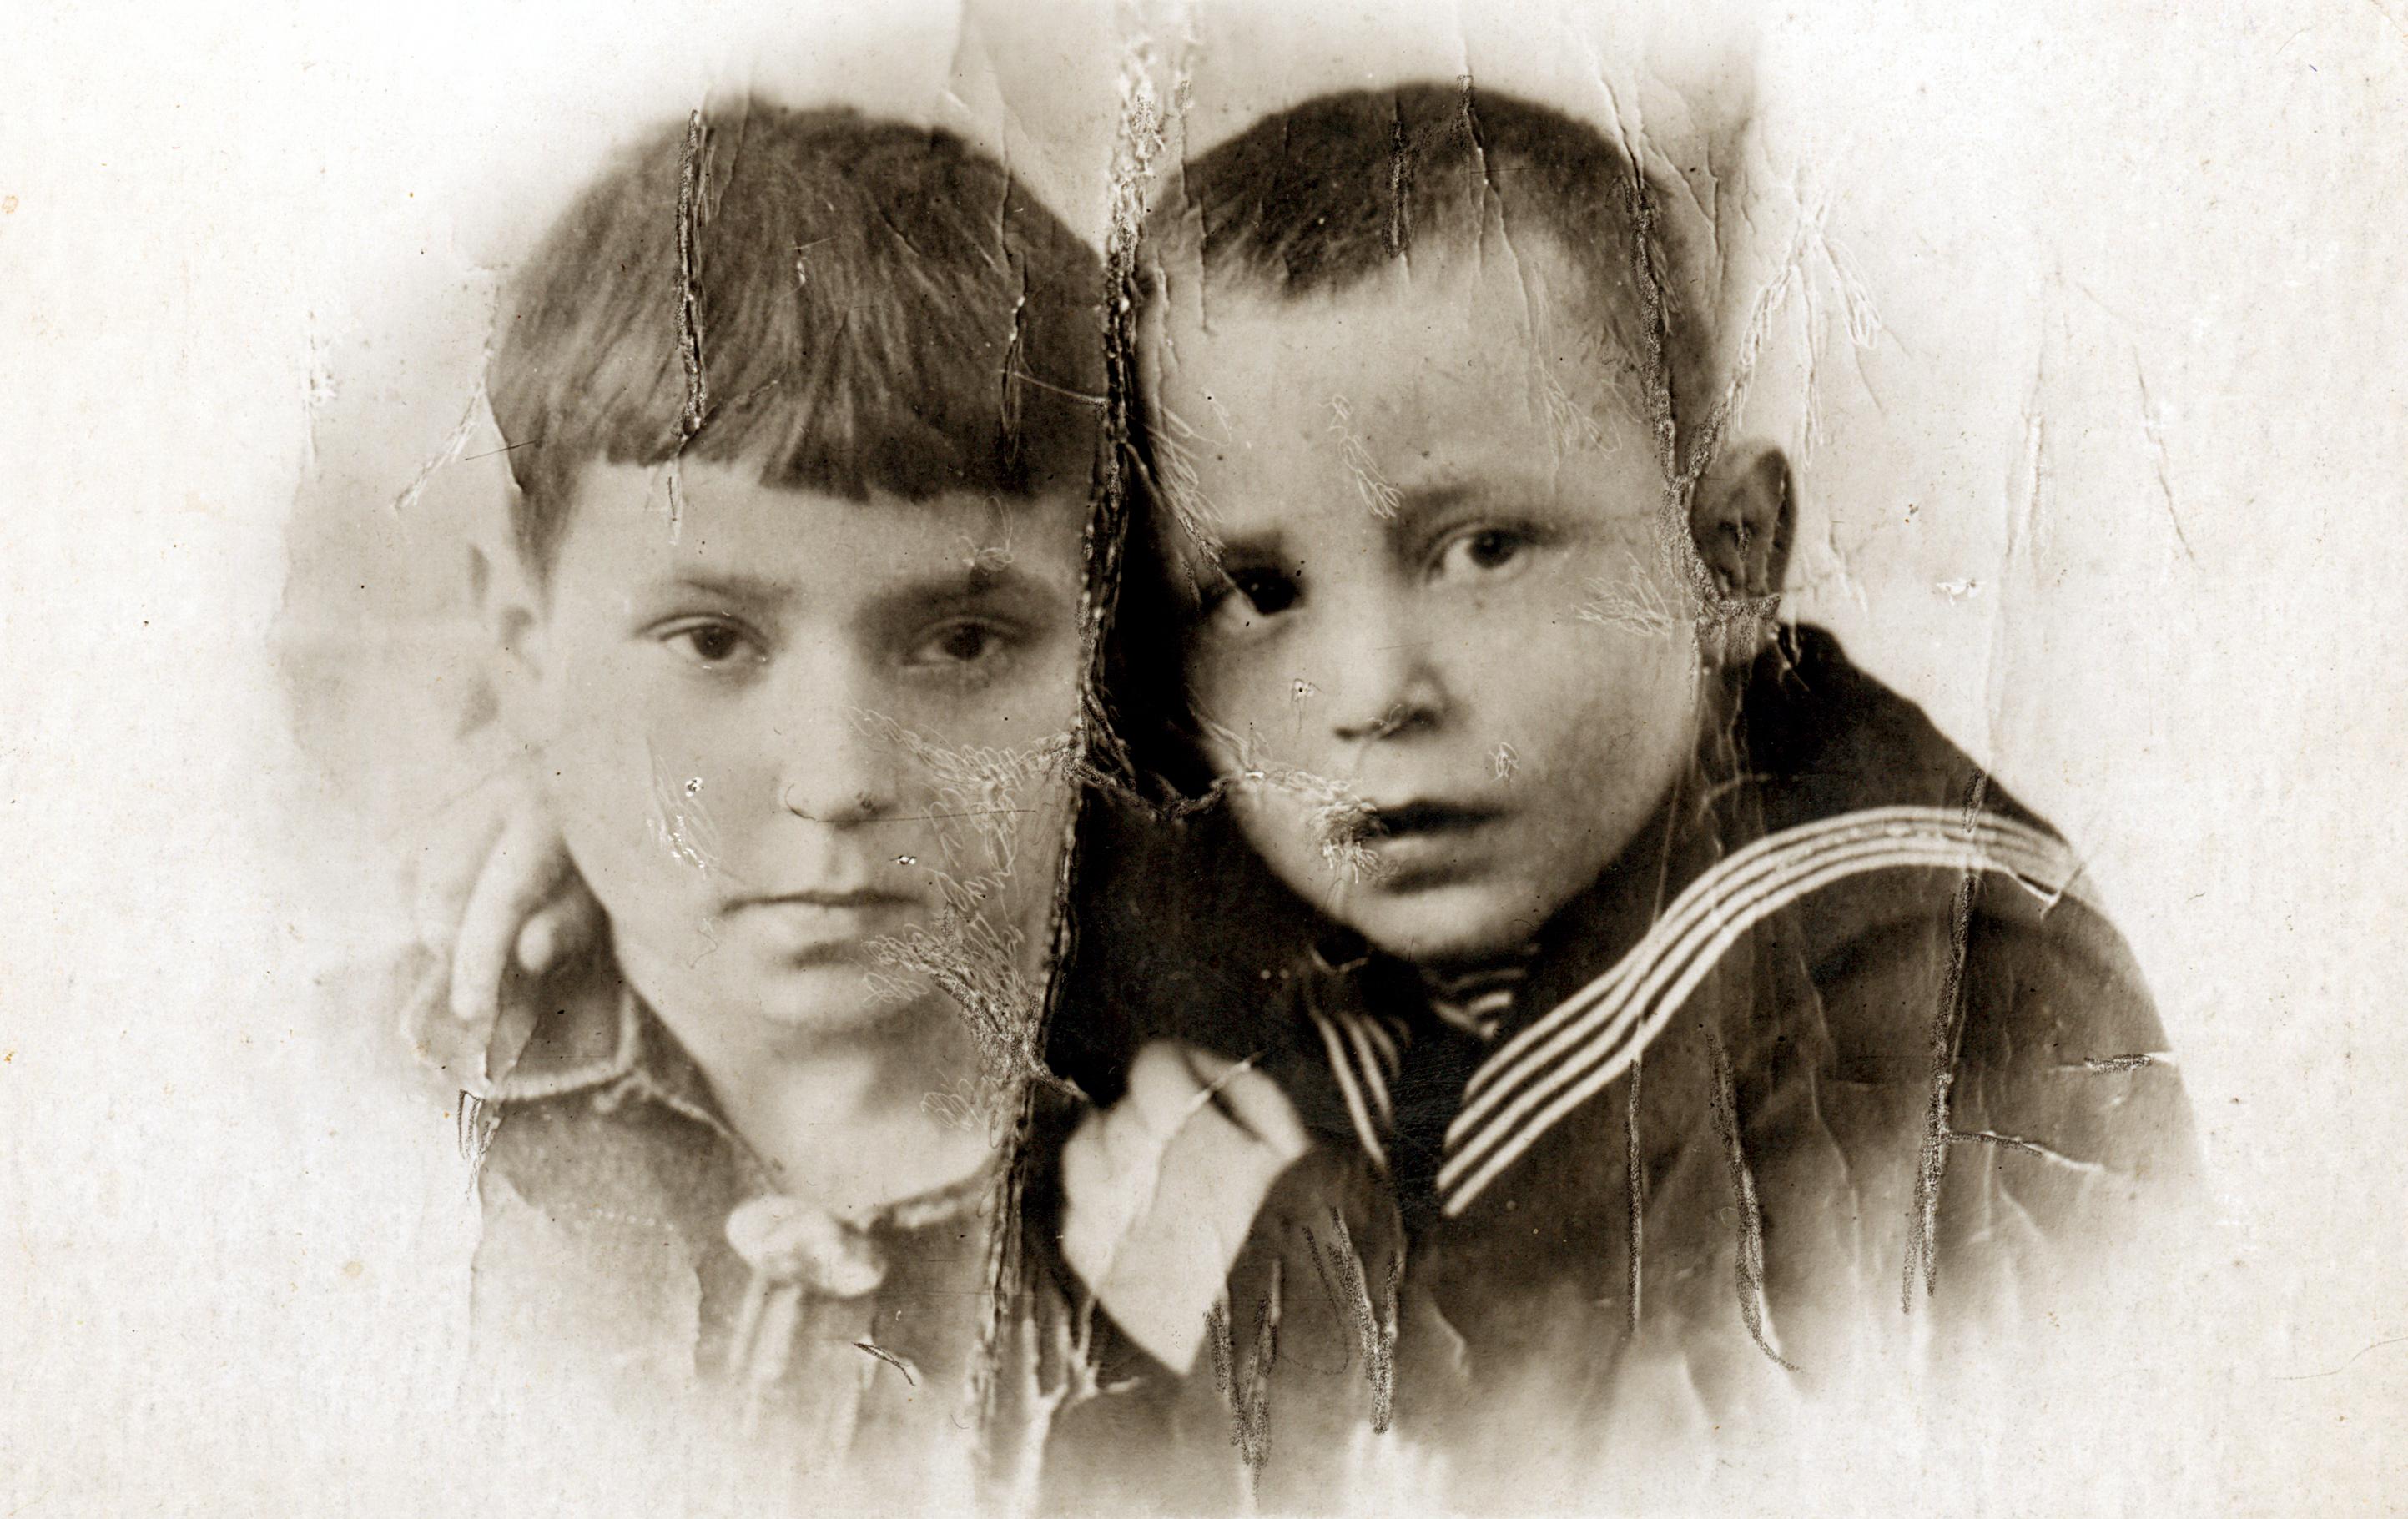 Irina Voinova's bother and sister Mikhail Aizman and Eugenia Govorkova